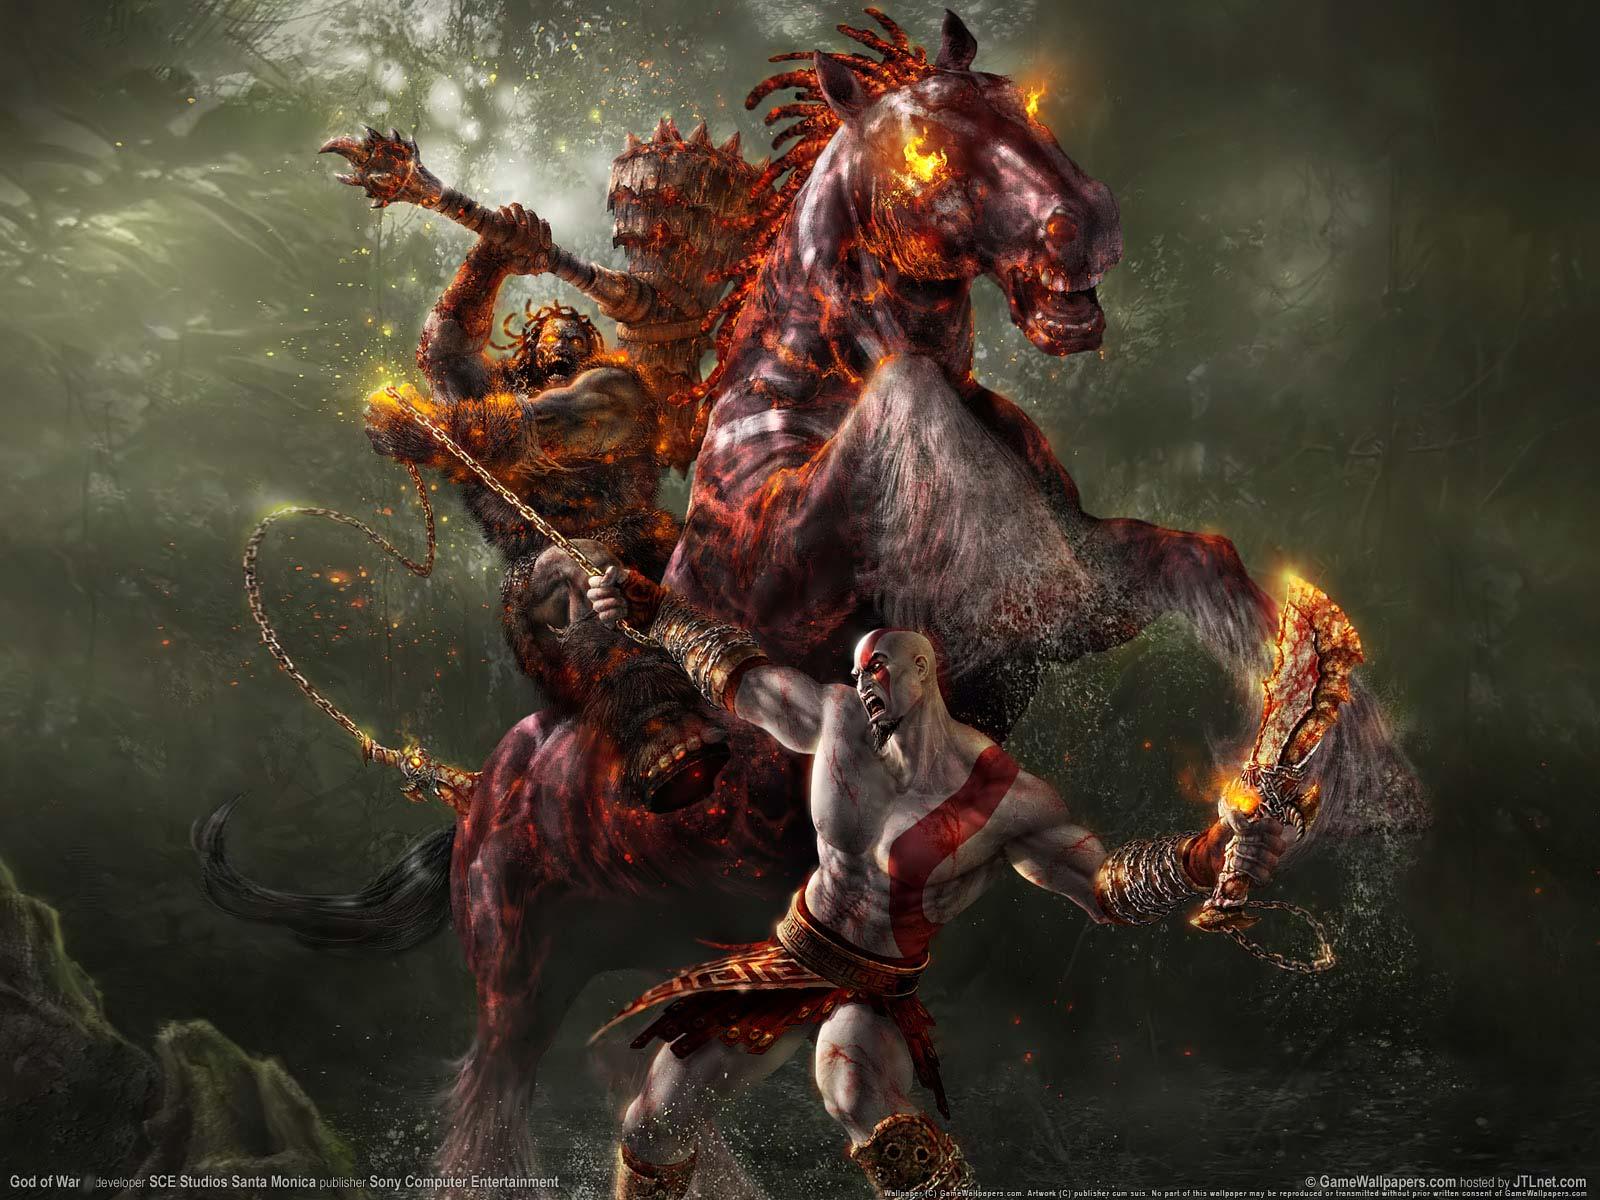 http://2.bp.blogspot.com/-UiSm7PJPUHM/TzCRhZ9yAkI/AAAAAAAADw4/TfhuS88RneU/s1600/walpapers-god+of+war-papel+de+parede+(2).jpg